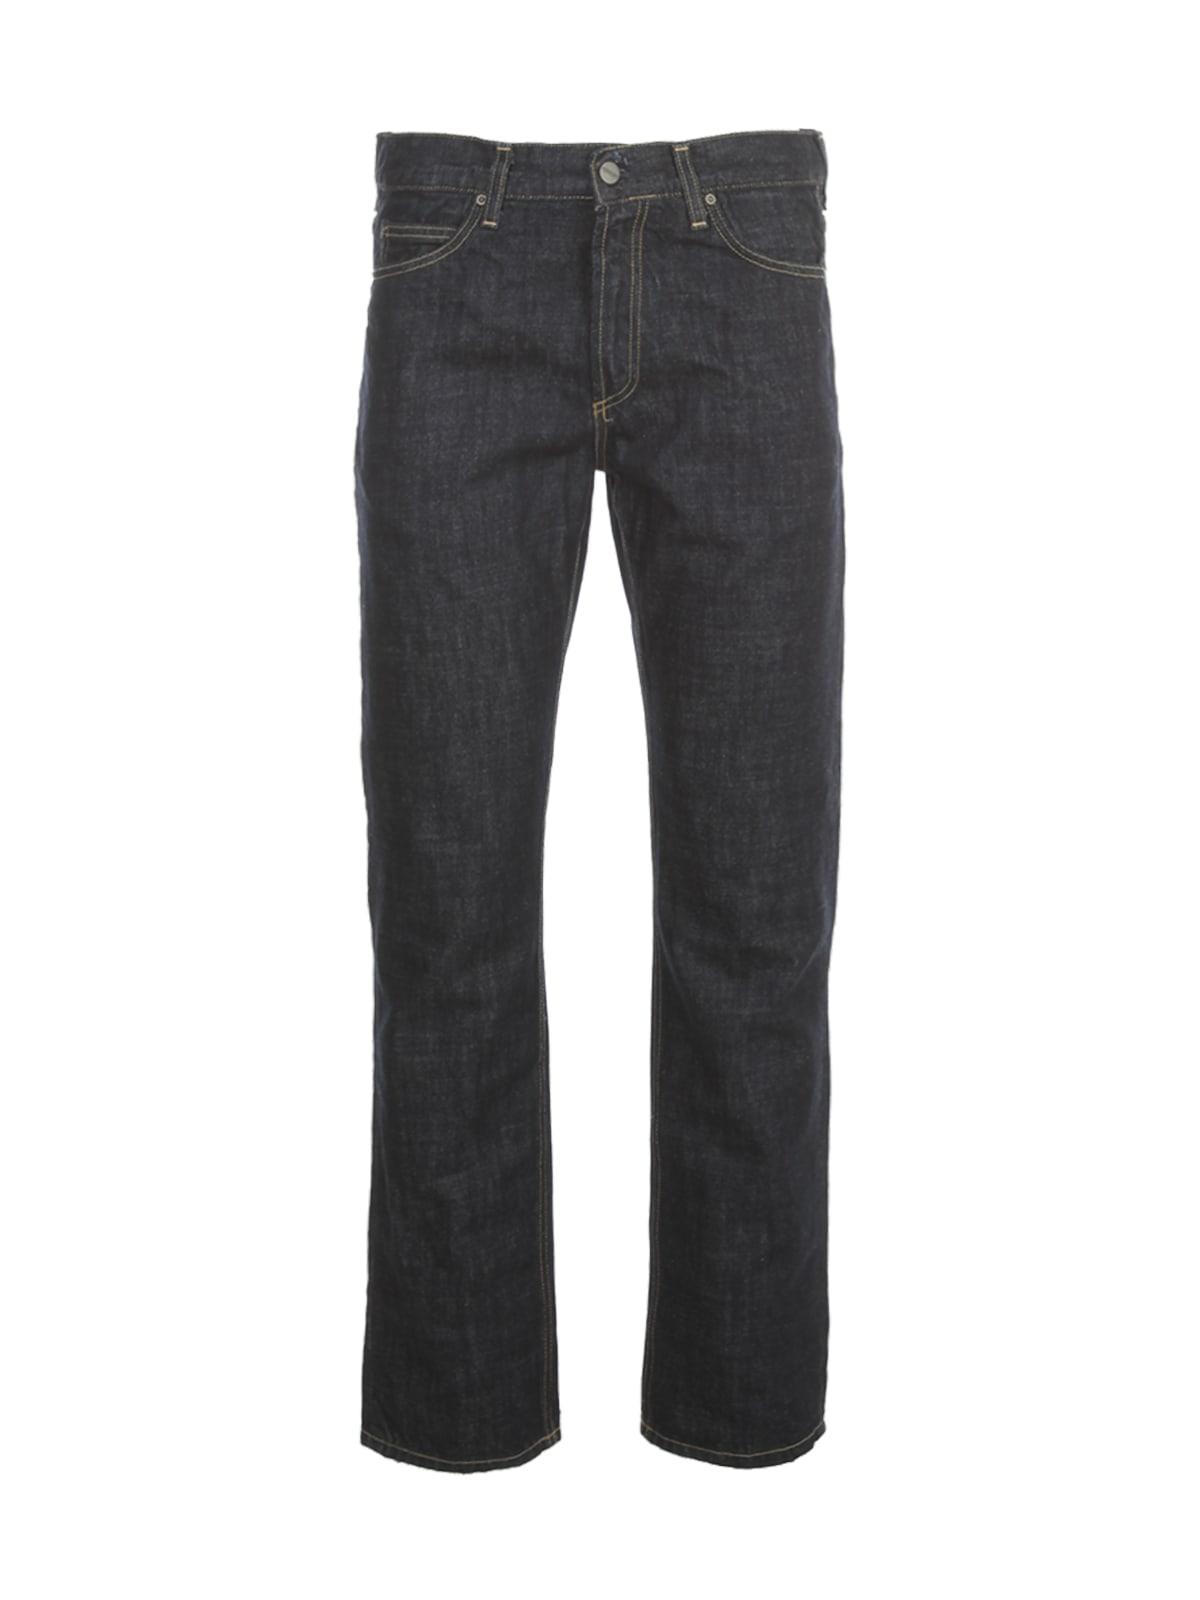 Marlow Wide Leg Jeans